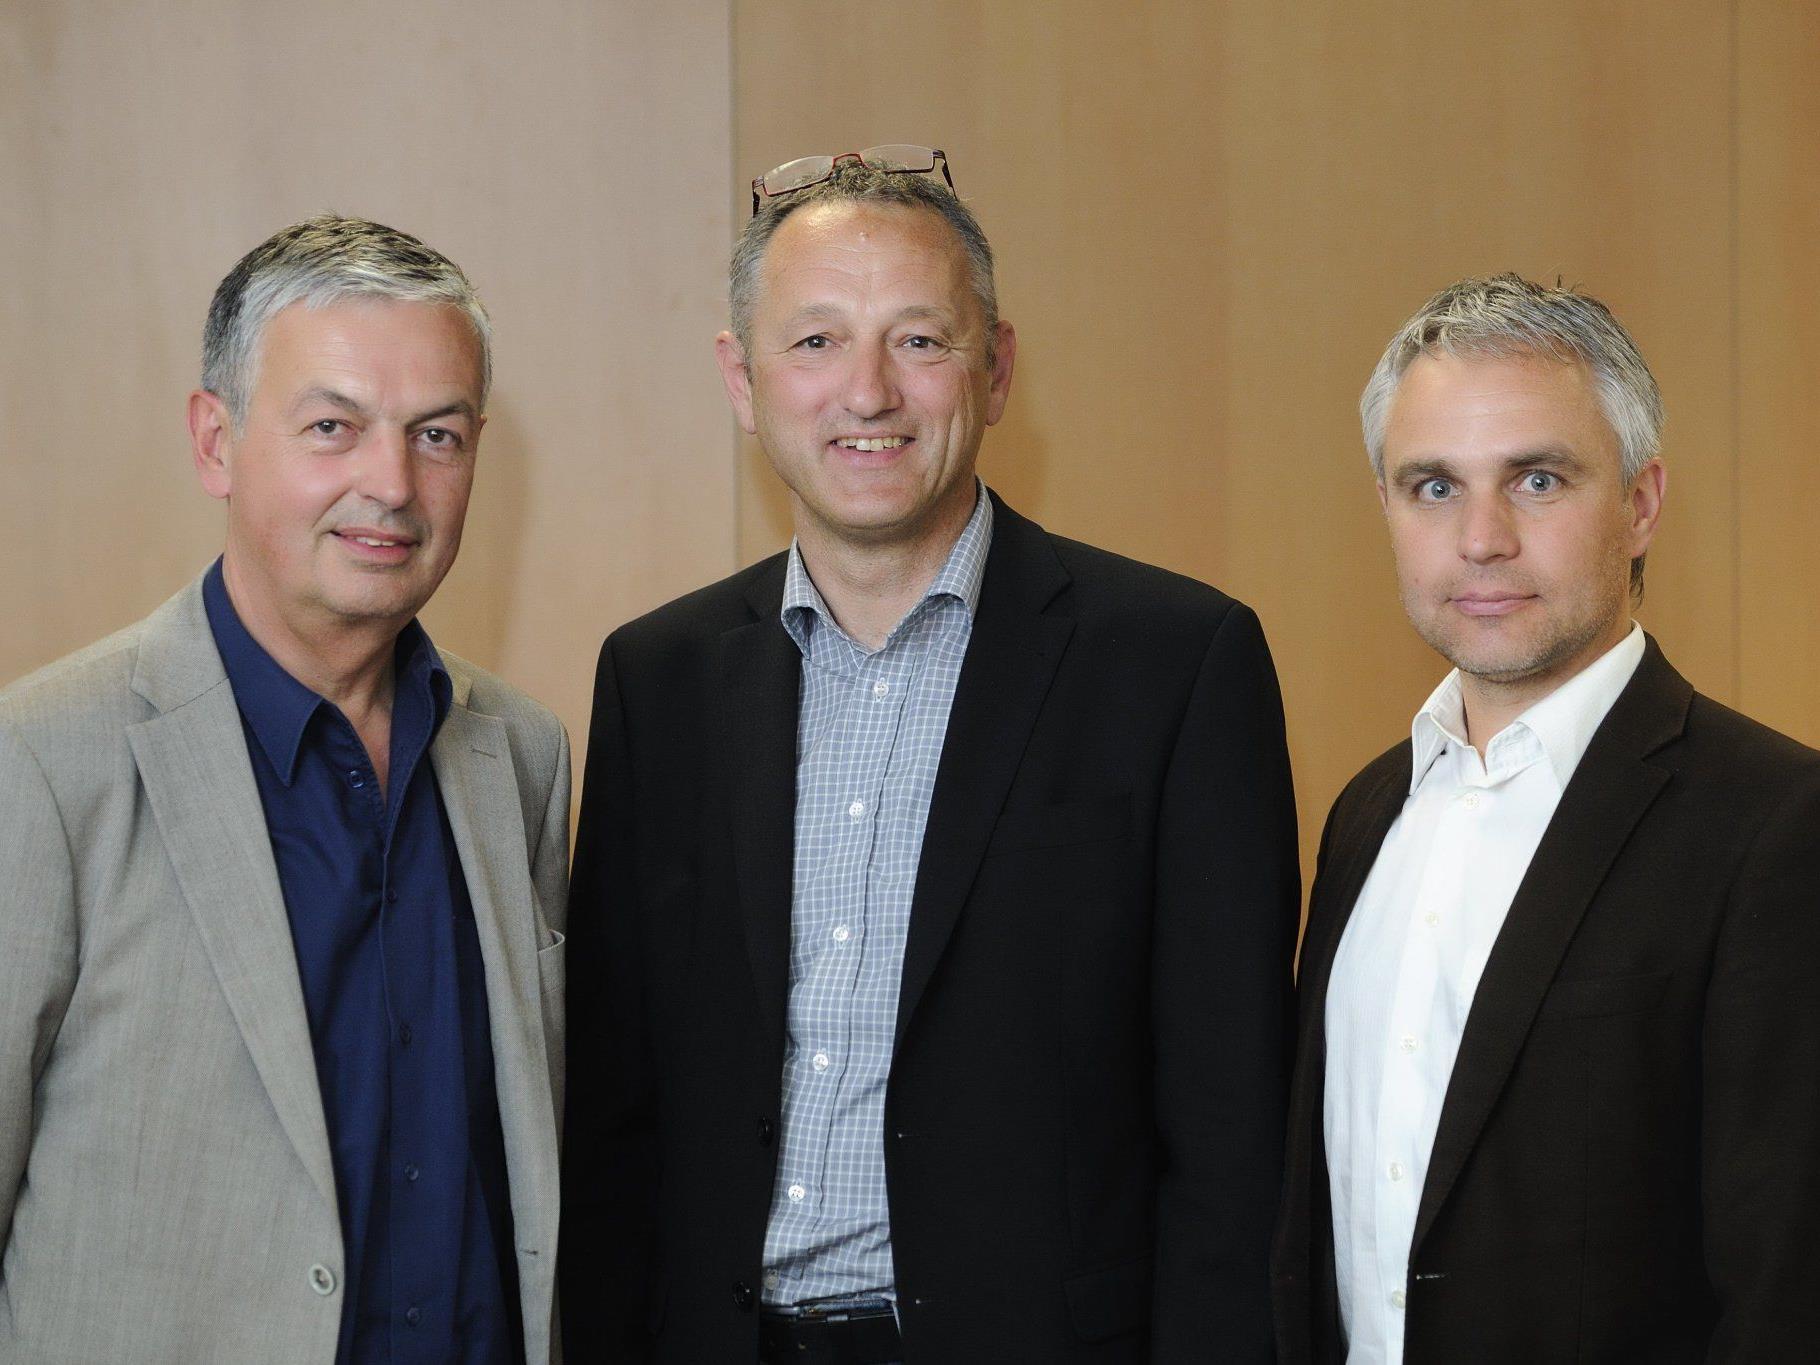 Der neu gewählte Vorstand des Symphonieorchesters Vorarlberg. Präsident Eduard Konzett (Mitte), der in seinem Amt bestätigt wurde und die beiden Vizepräsidenten Peter Schmid (links) und Manfred Schnetzer (rechts).